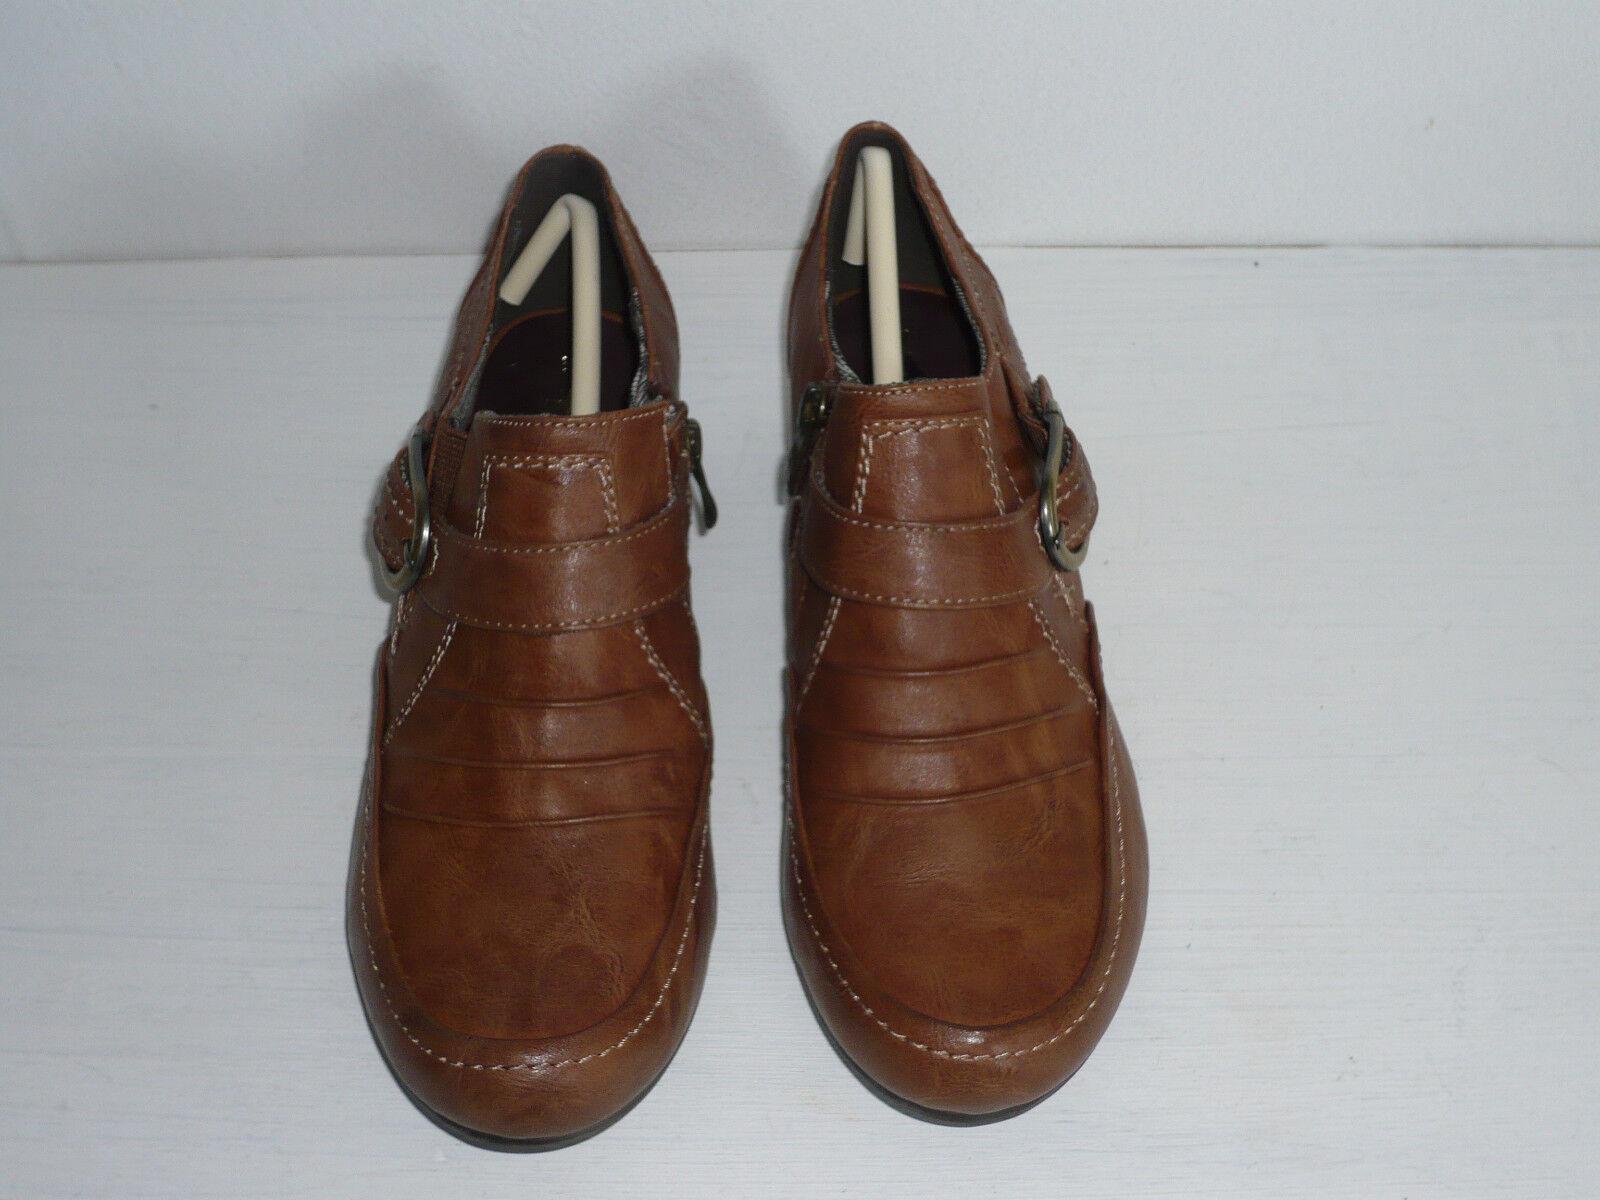 TAMARIS  Ankle 37, Stiefel  Damenschuh, Gr. 37, Ankle nut (braun), NEU & OVP 0c6bb9